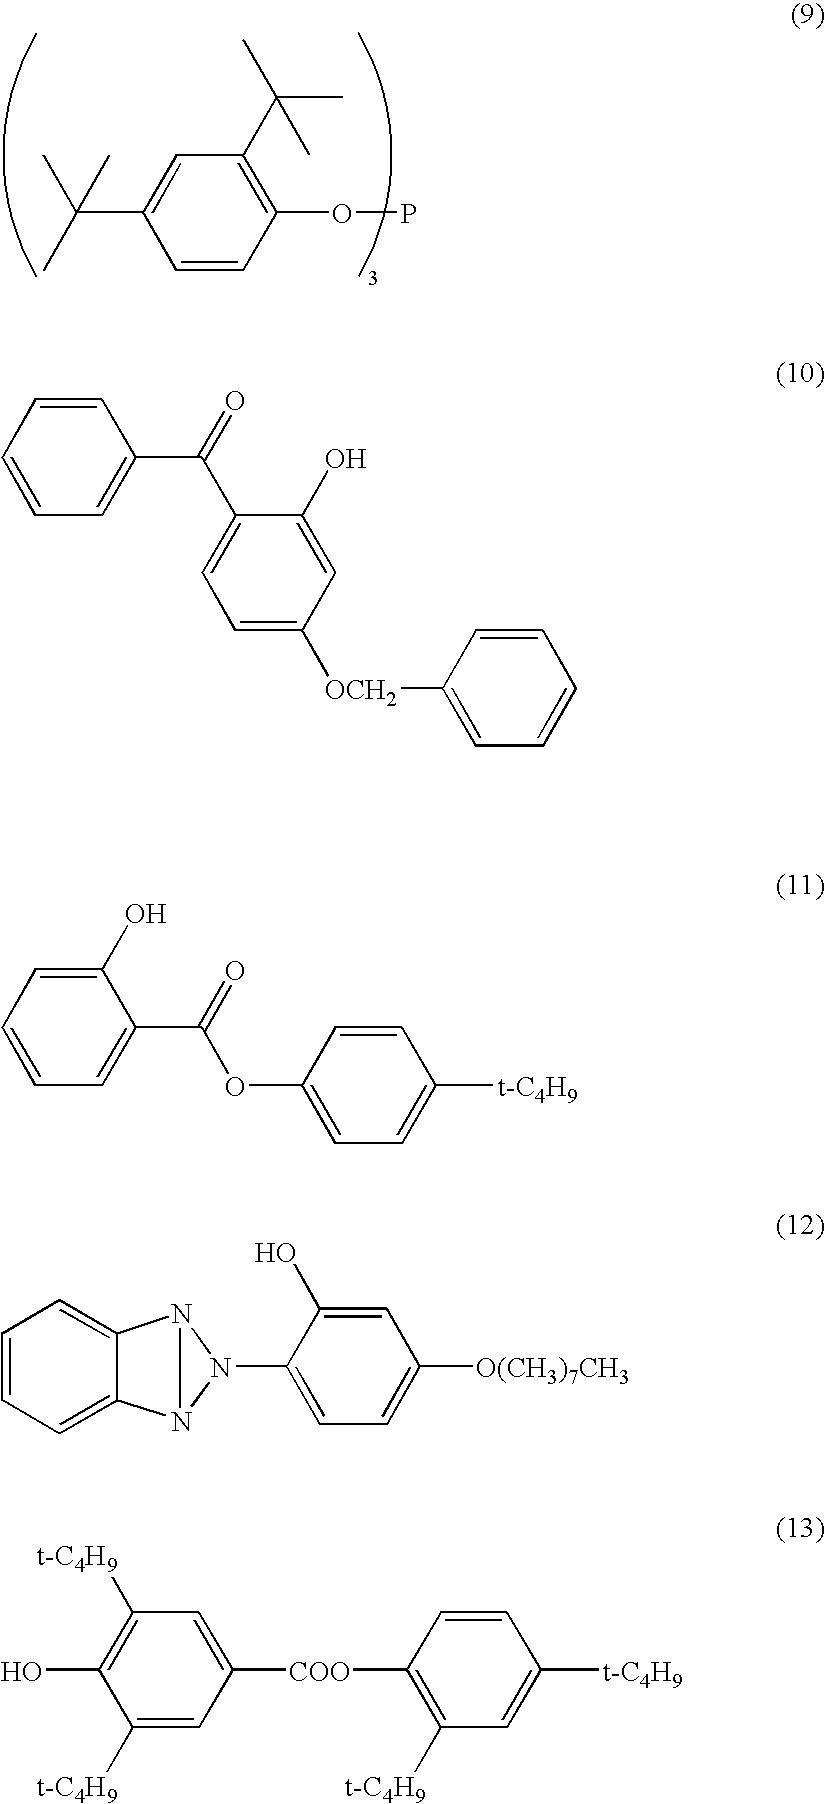 Figure US07297365-20071120-C00011